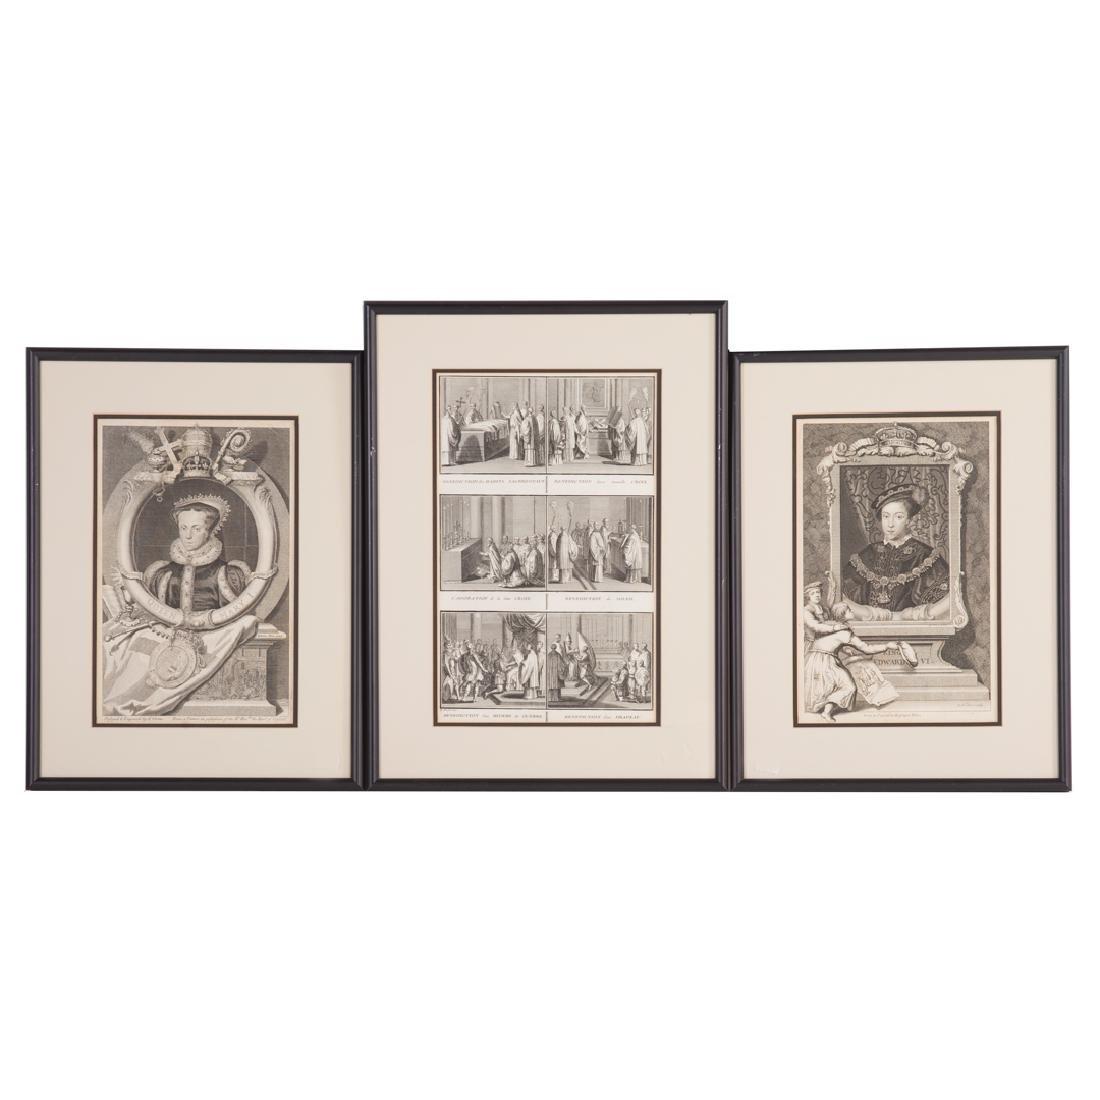 2 George Vertue Engravings & 3 French Engravings - 2